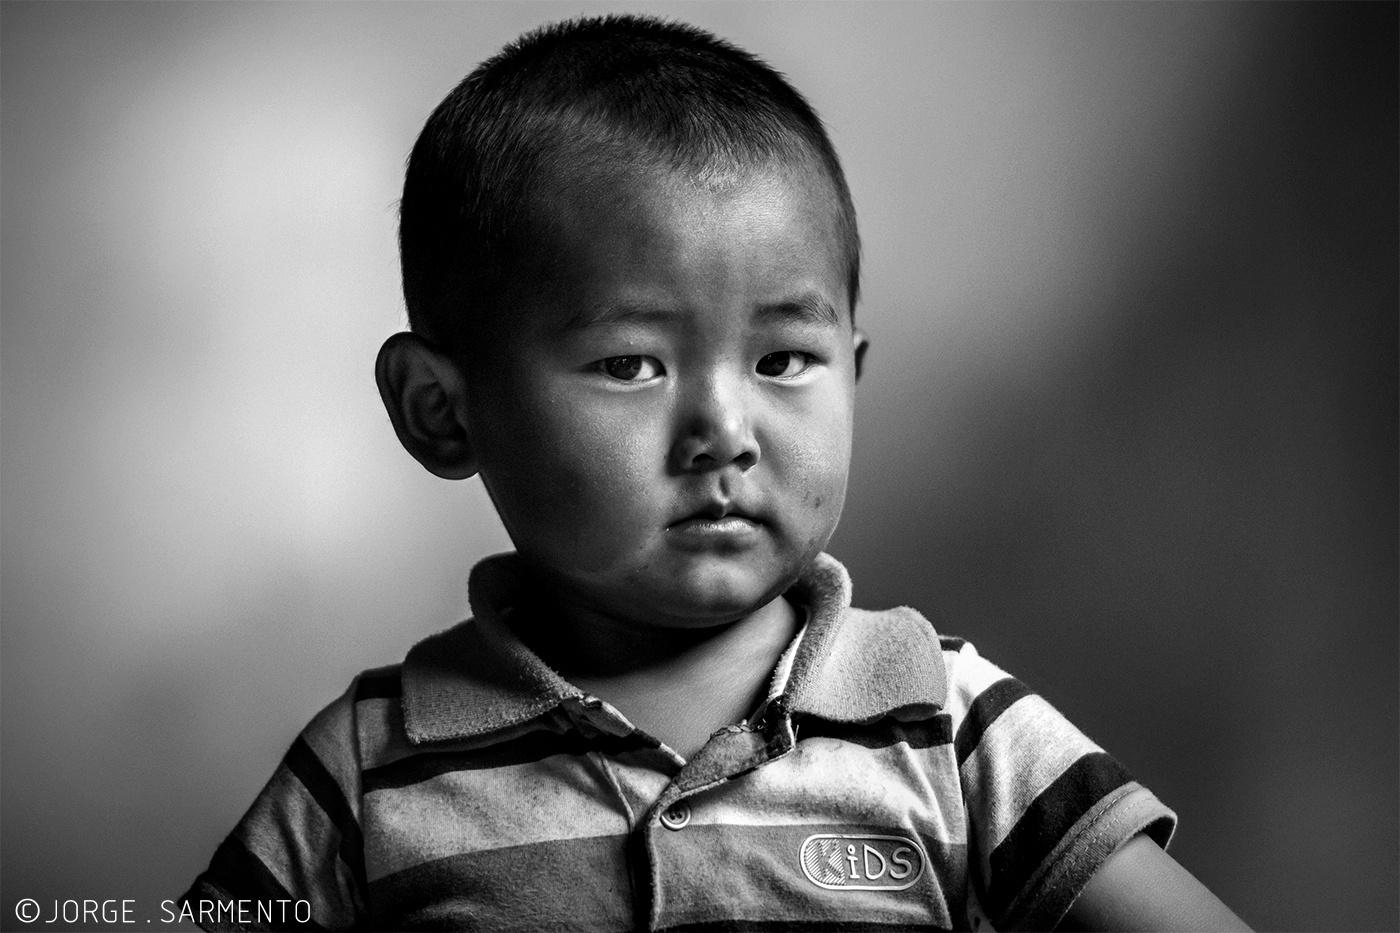 Retratos/Naxi boy